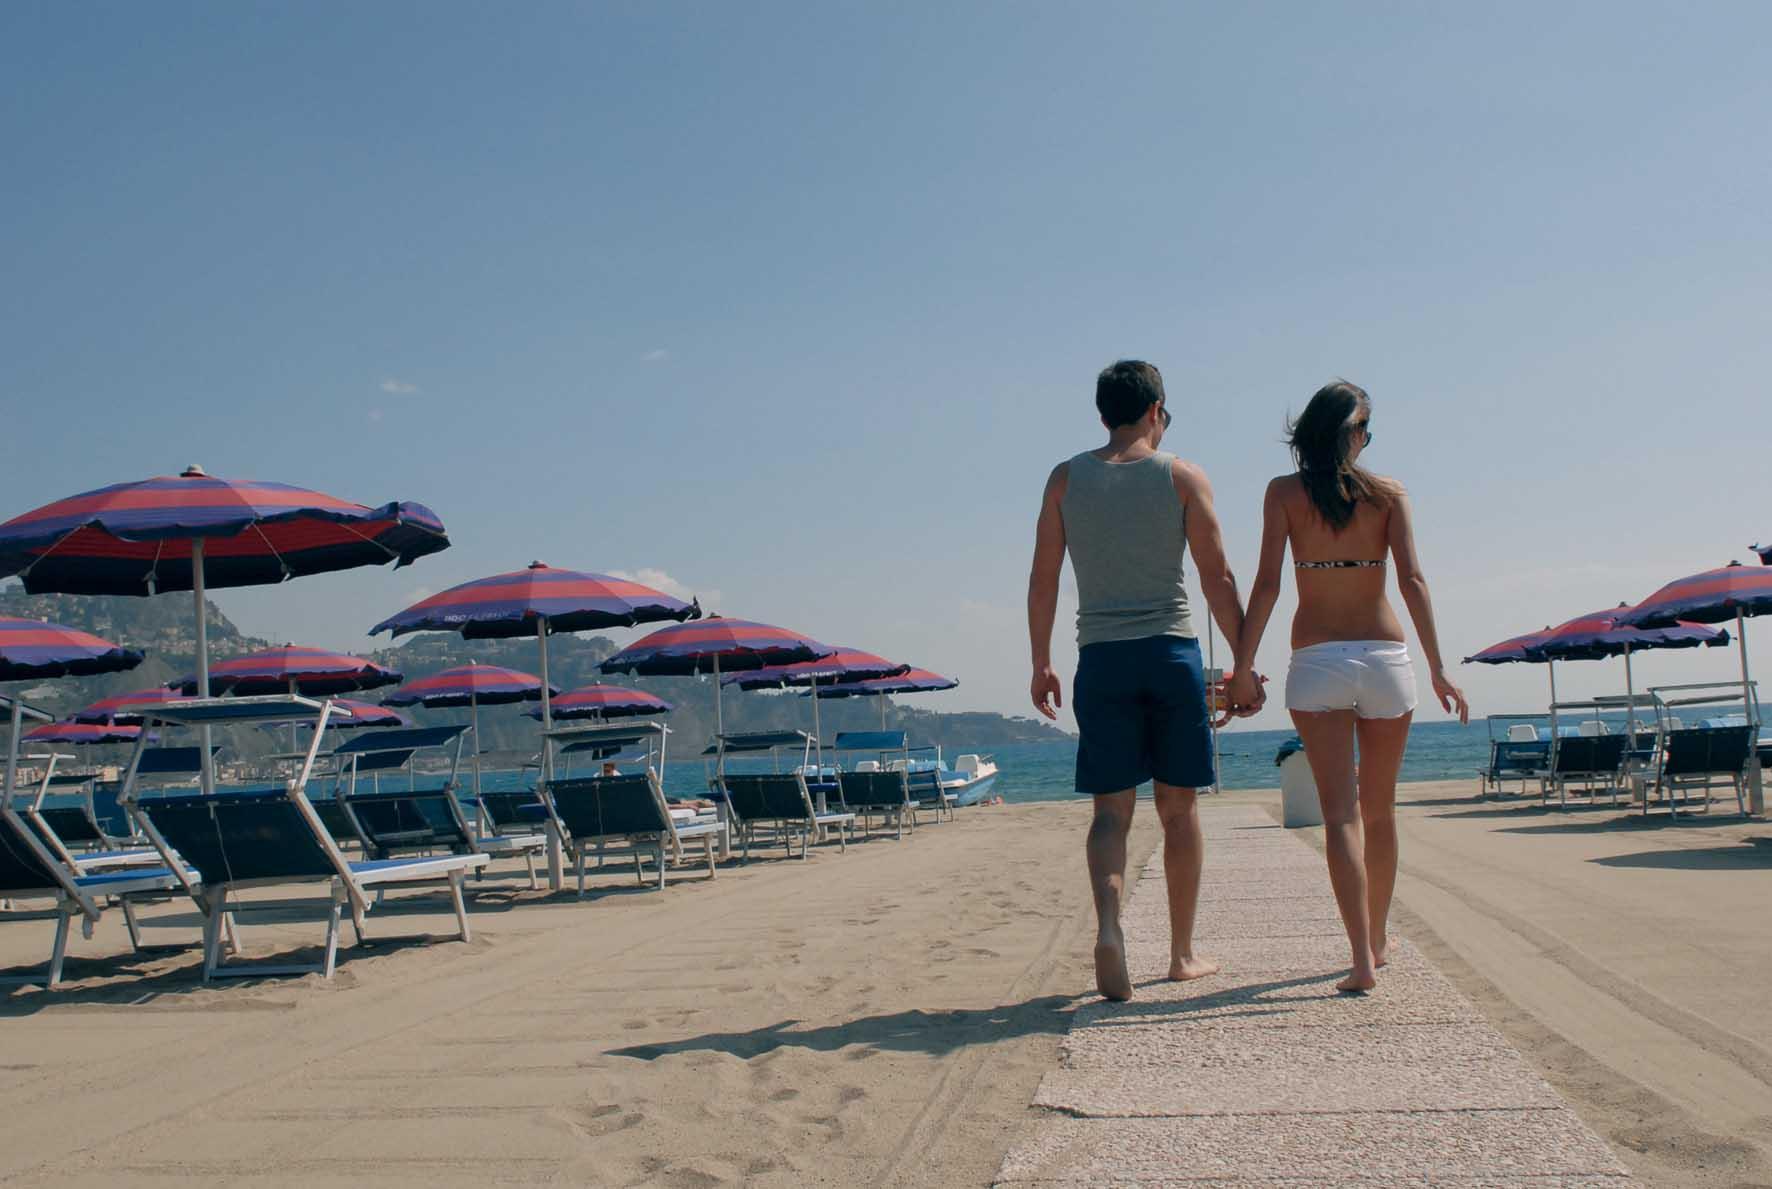 cna turismo spiaggia turisti passeggio